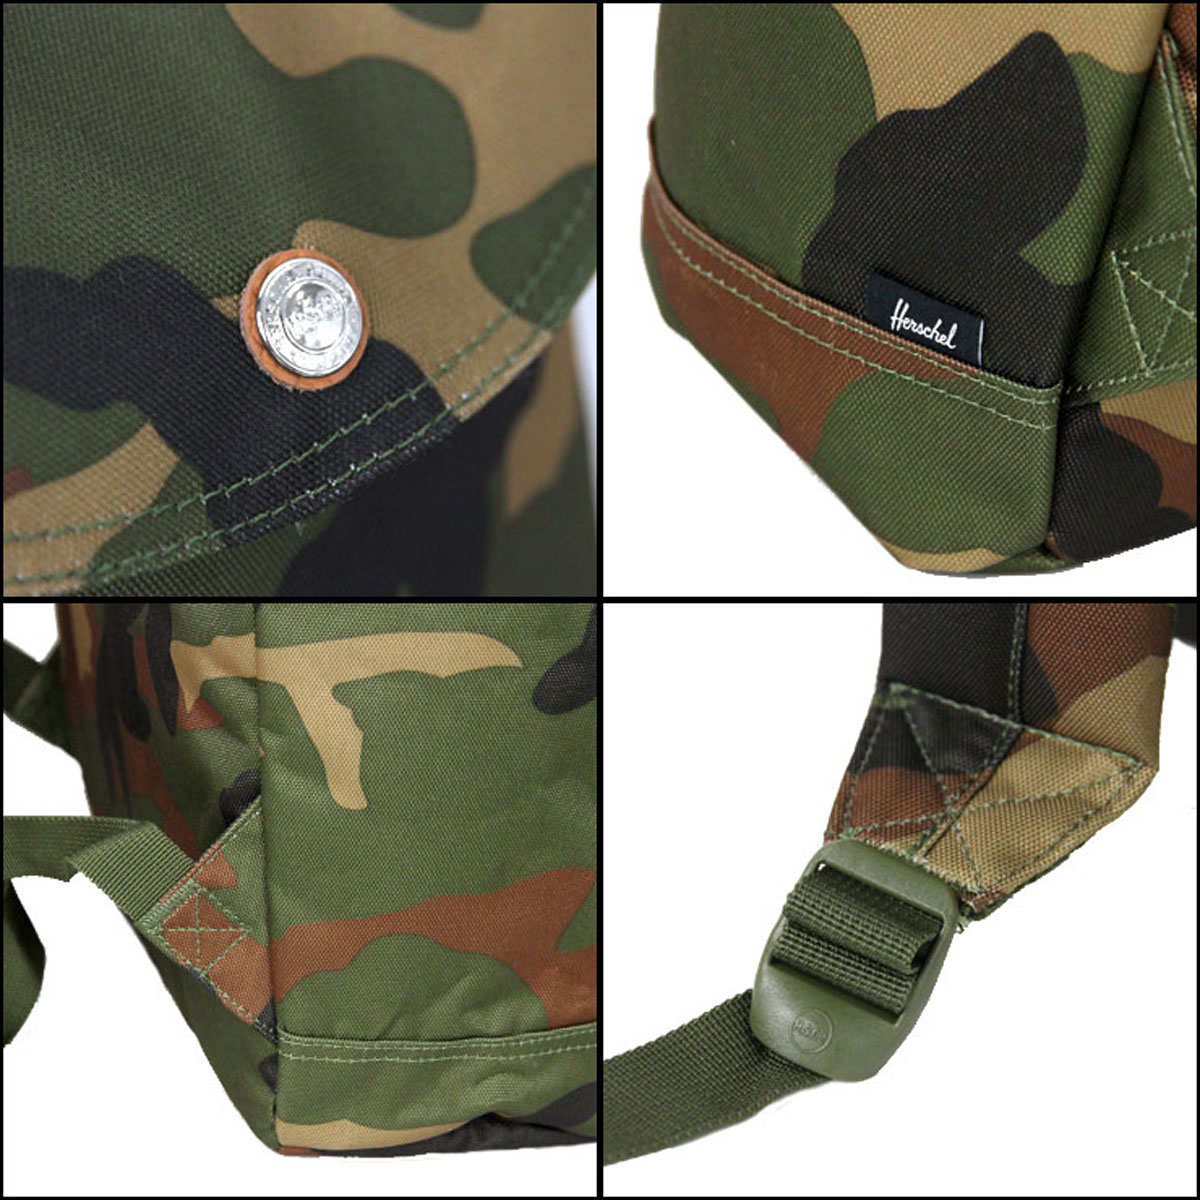 946f39dc4a09 ハーシェル Herschel Supply 正規販売店 バッグ リュックサック Reid Classics Backpacks 10182-00032-